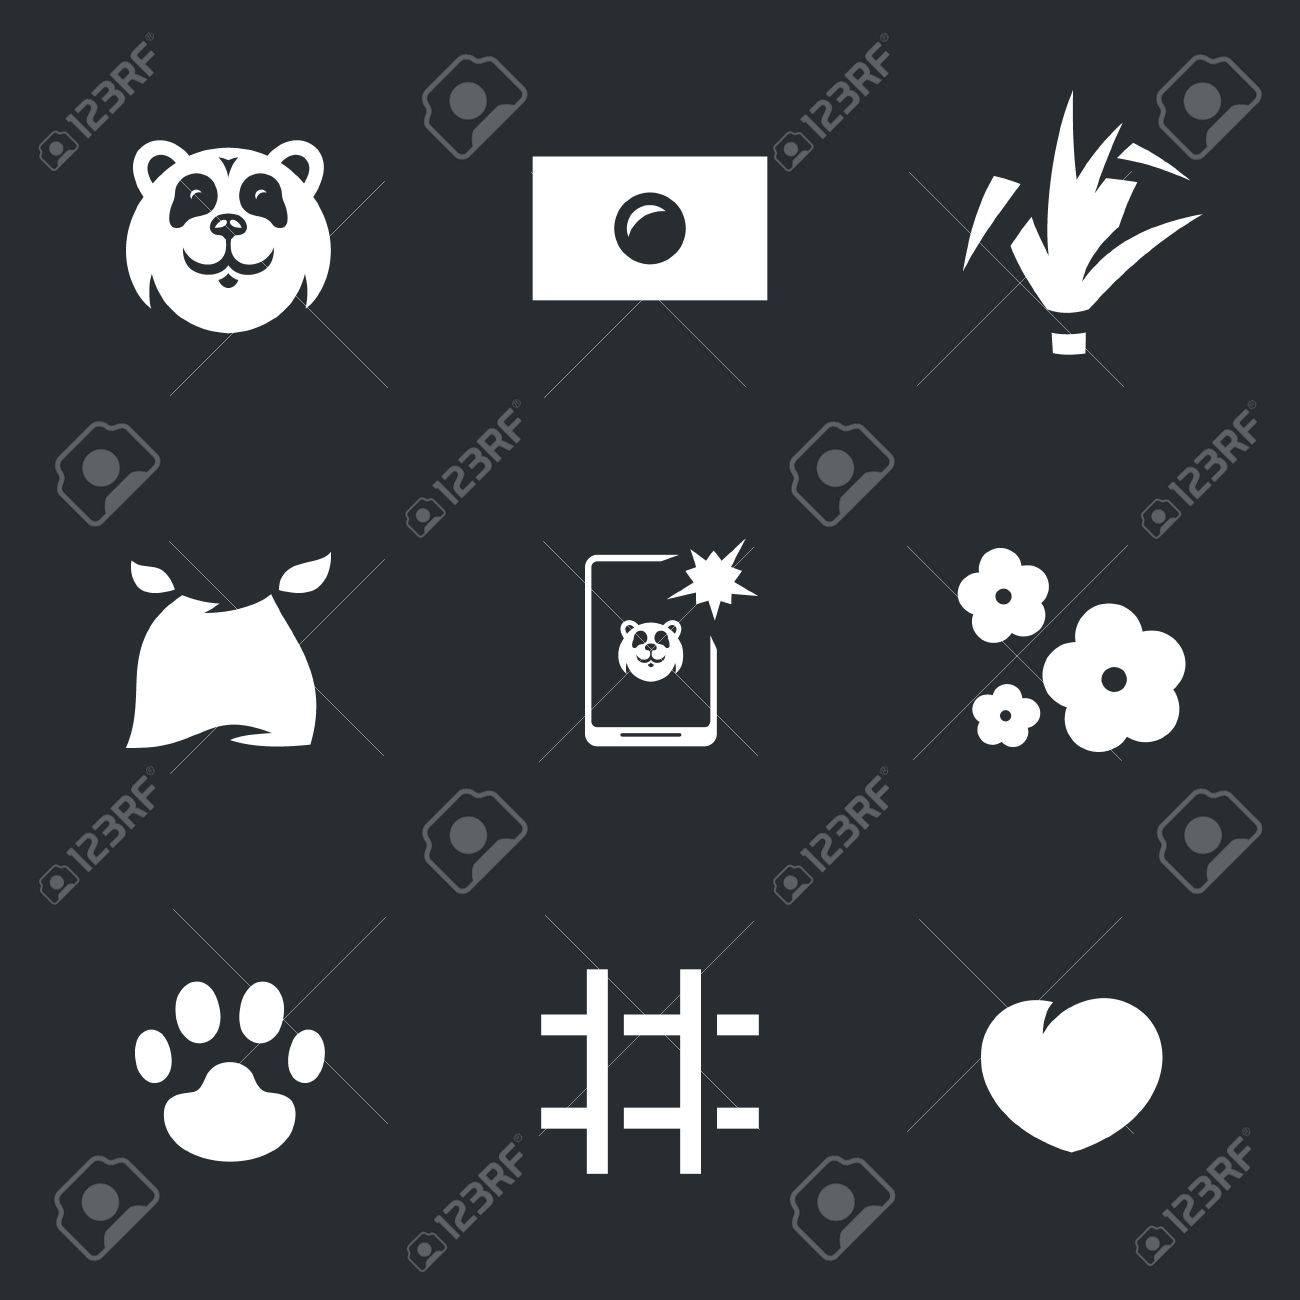 Bär, Japan-Flagge, Bambus, Lätzchen, Selfie, Kirsche, Pfote, Zelle ...